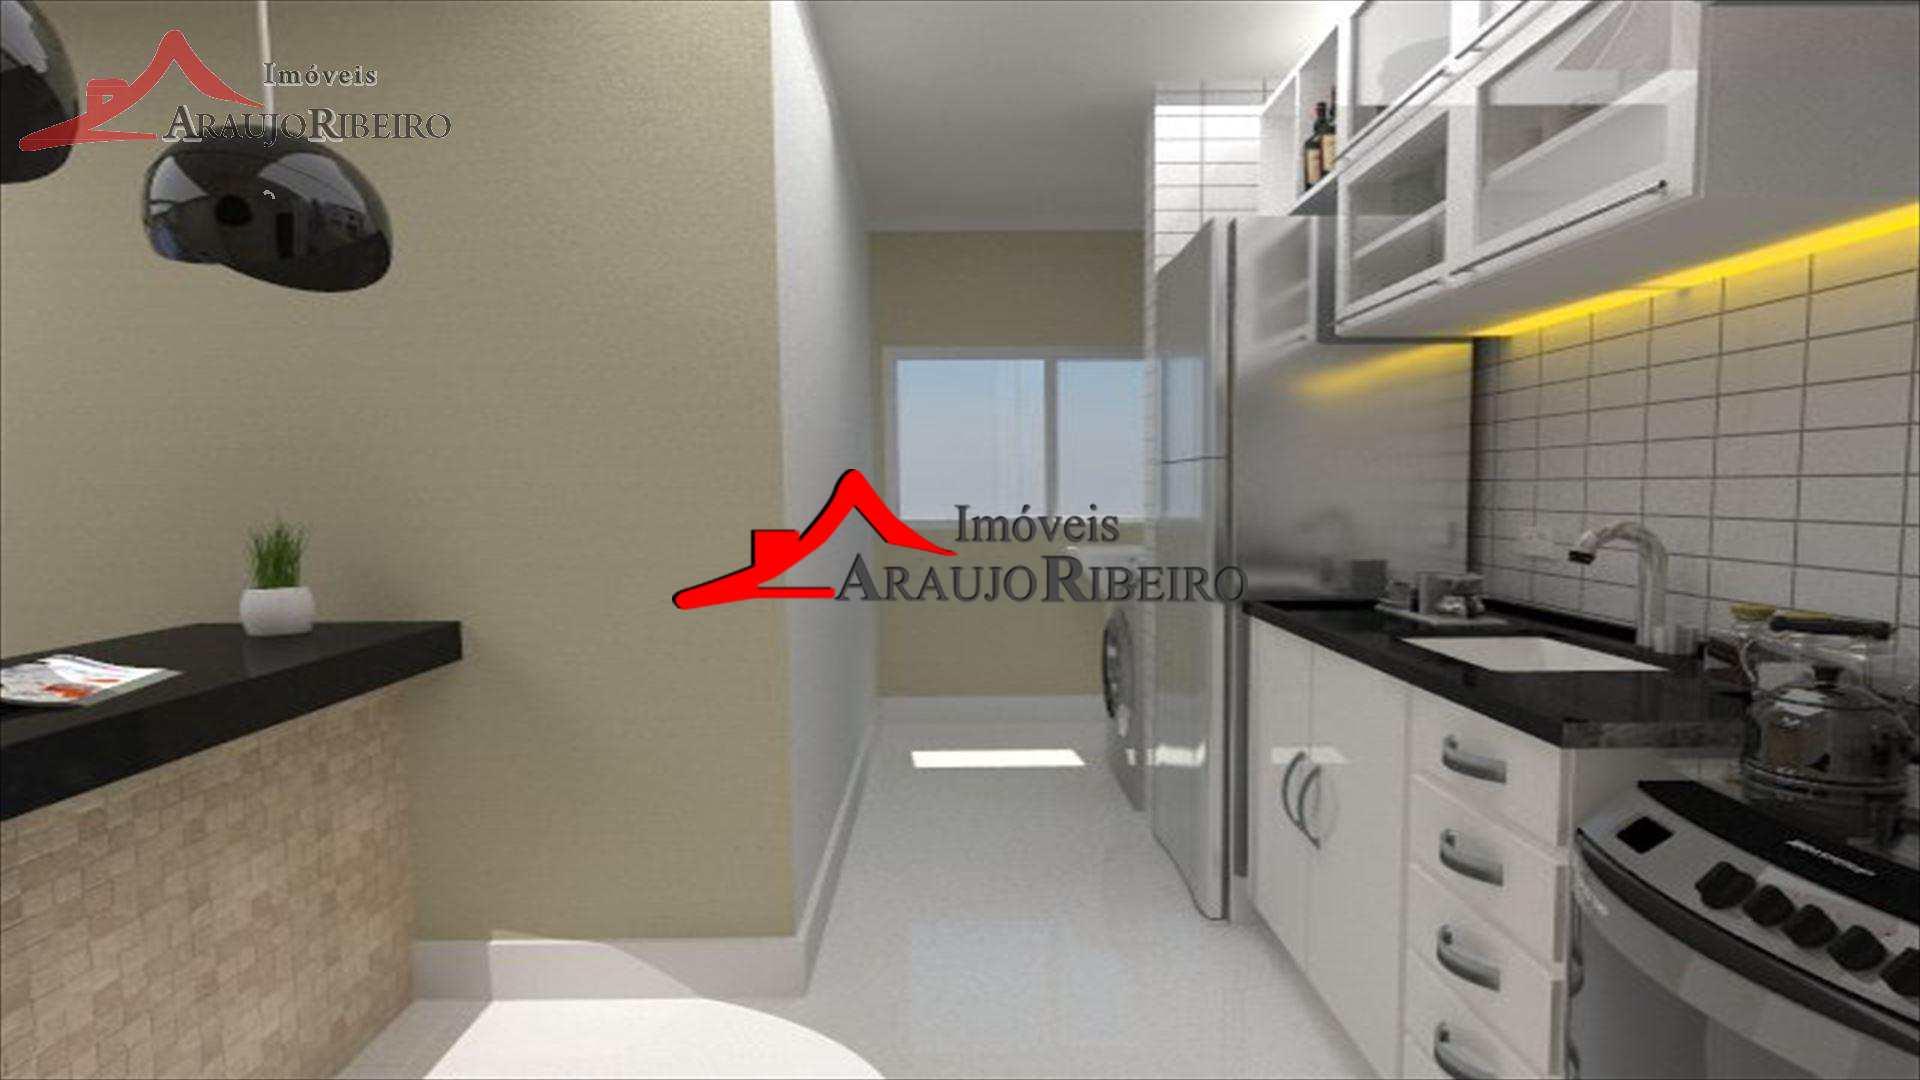 Apartamento com 2 dorms, Parque Senhor do Bonfim, Taubaté - R$ 170 mil, Cod: 3328